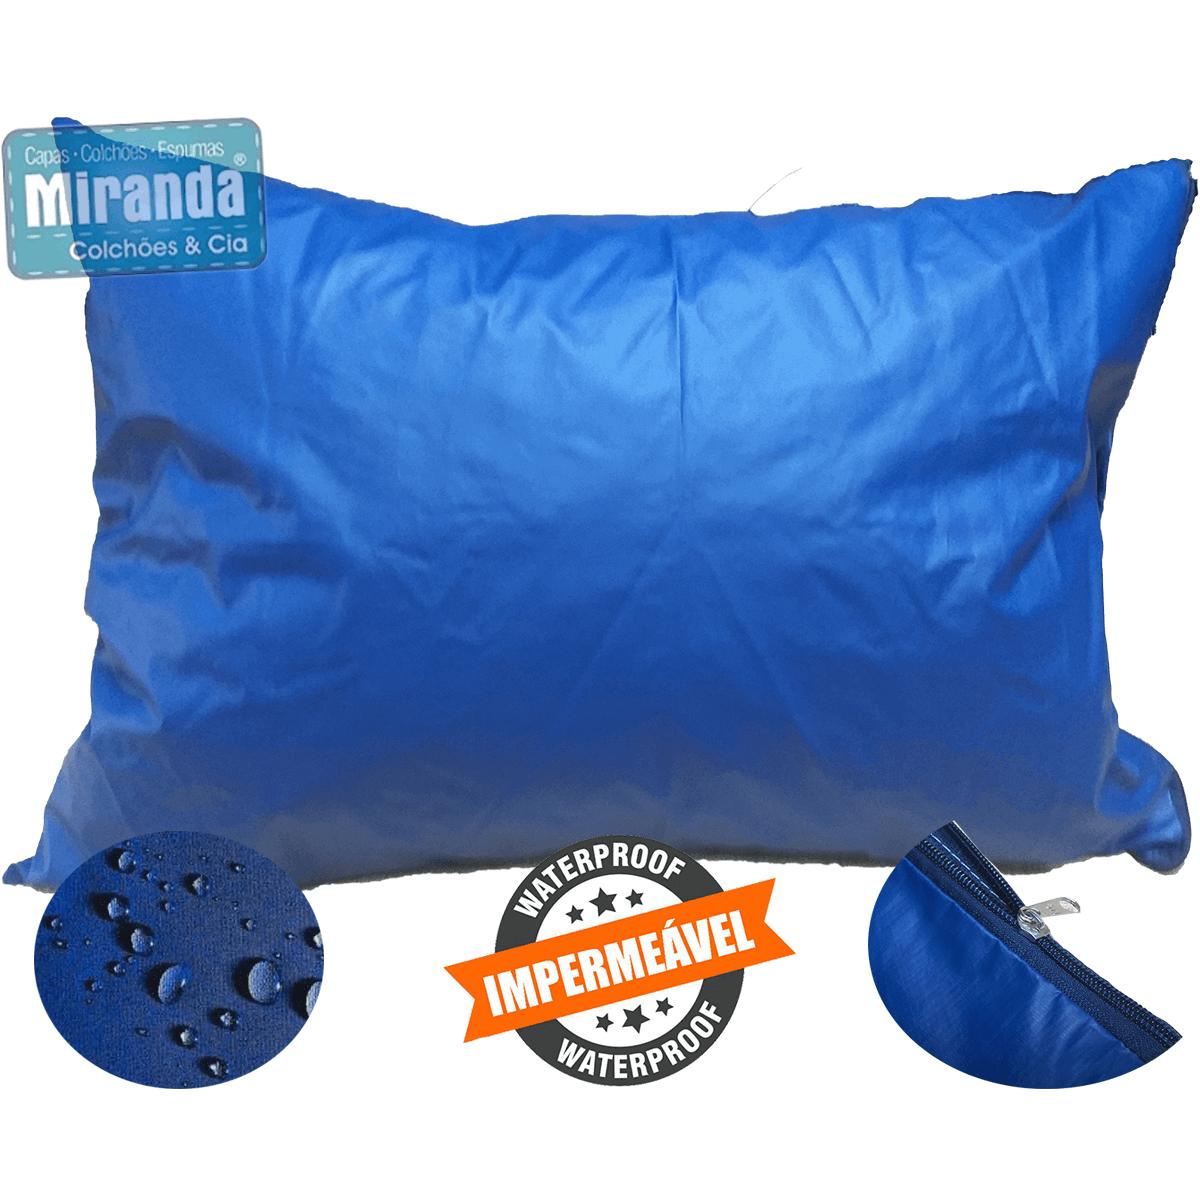 Kit 10 Capas Travesseiro 50 X 70 Hospitalar Impermeável Coloridas  - Miranda Colchões